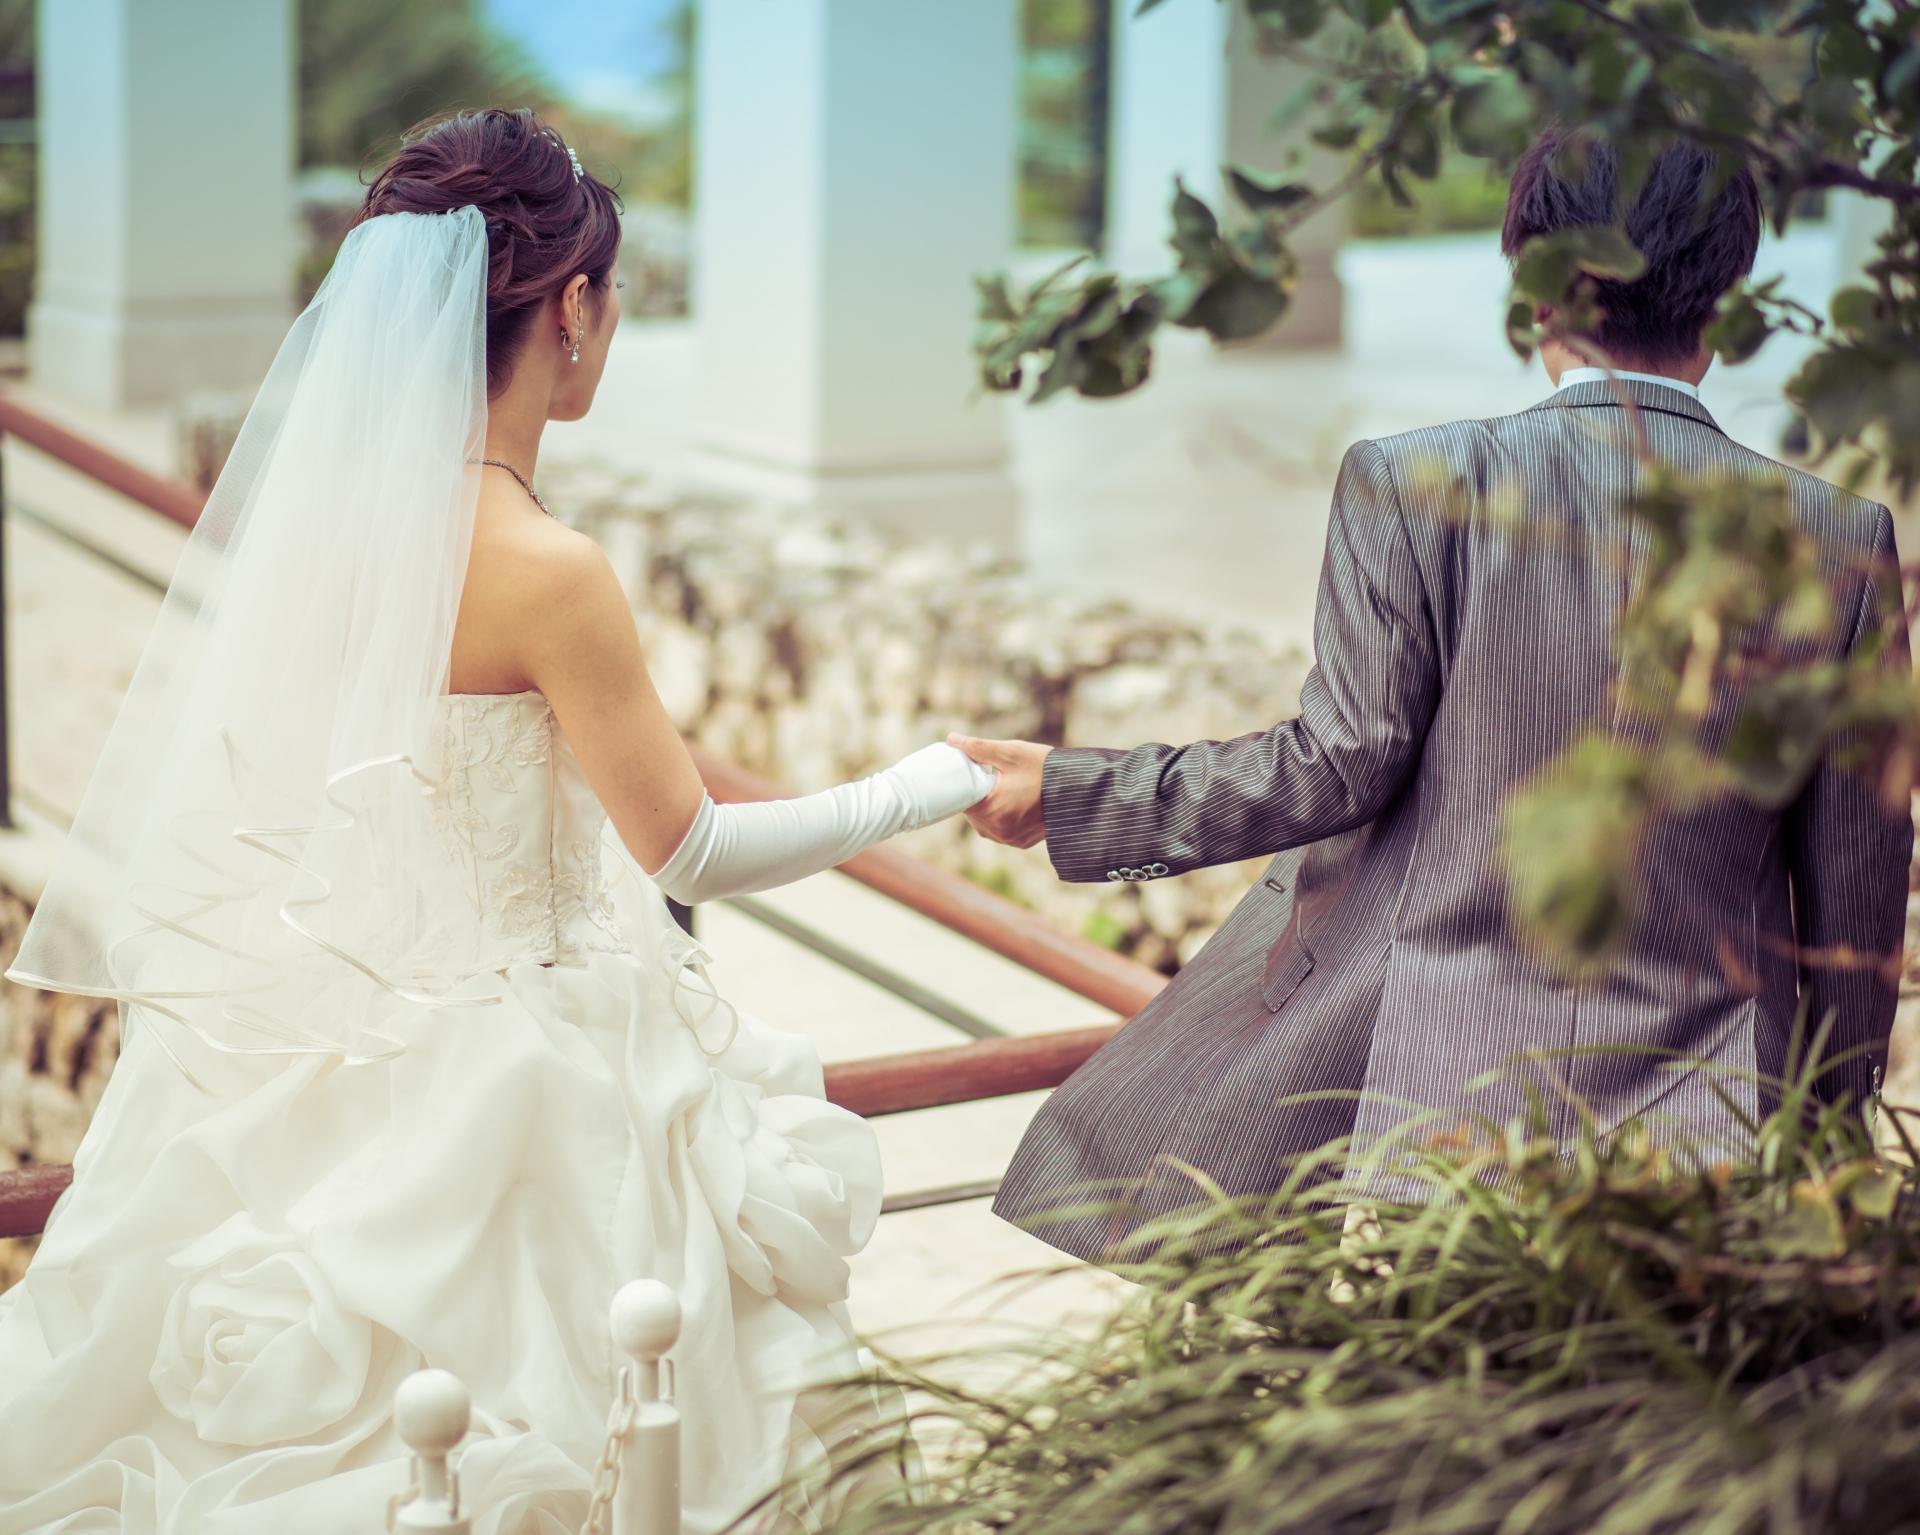 結婚退職する時の失業保険の受け方のポイント